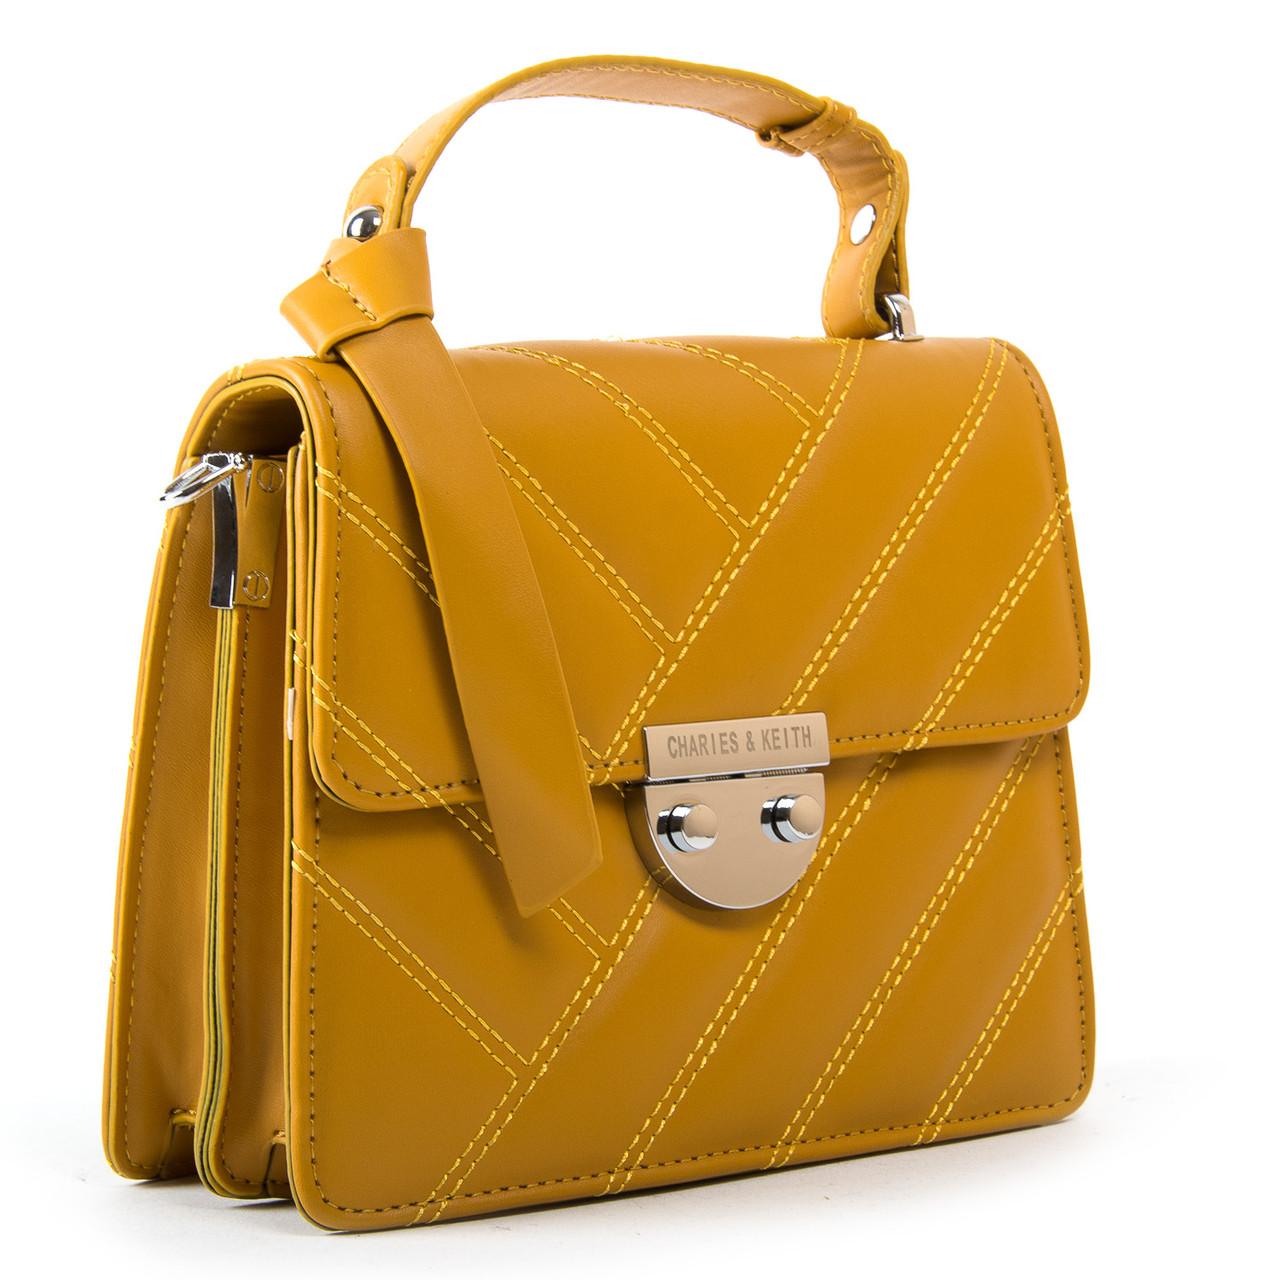 Сумка Женская Классическая иск-кожа FASHION 2-011 686 yellow